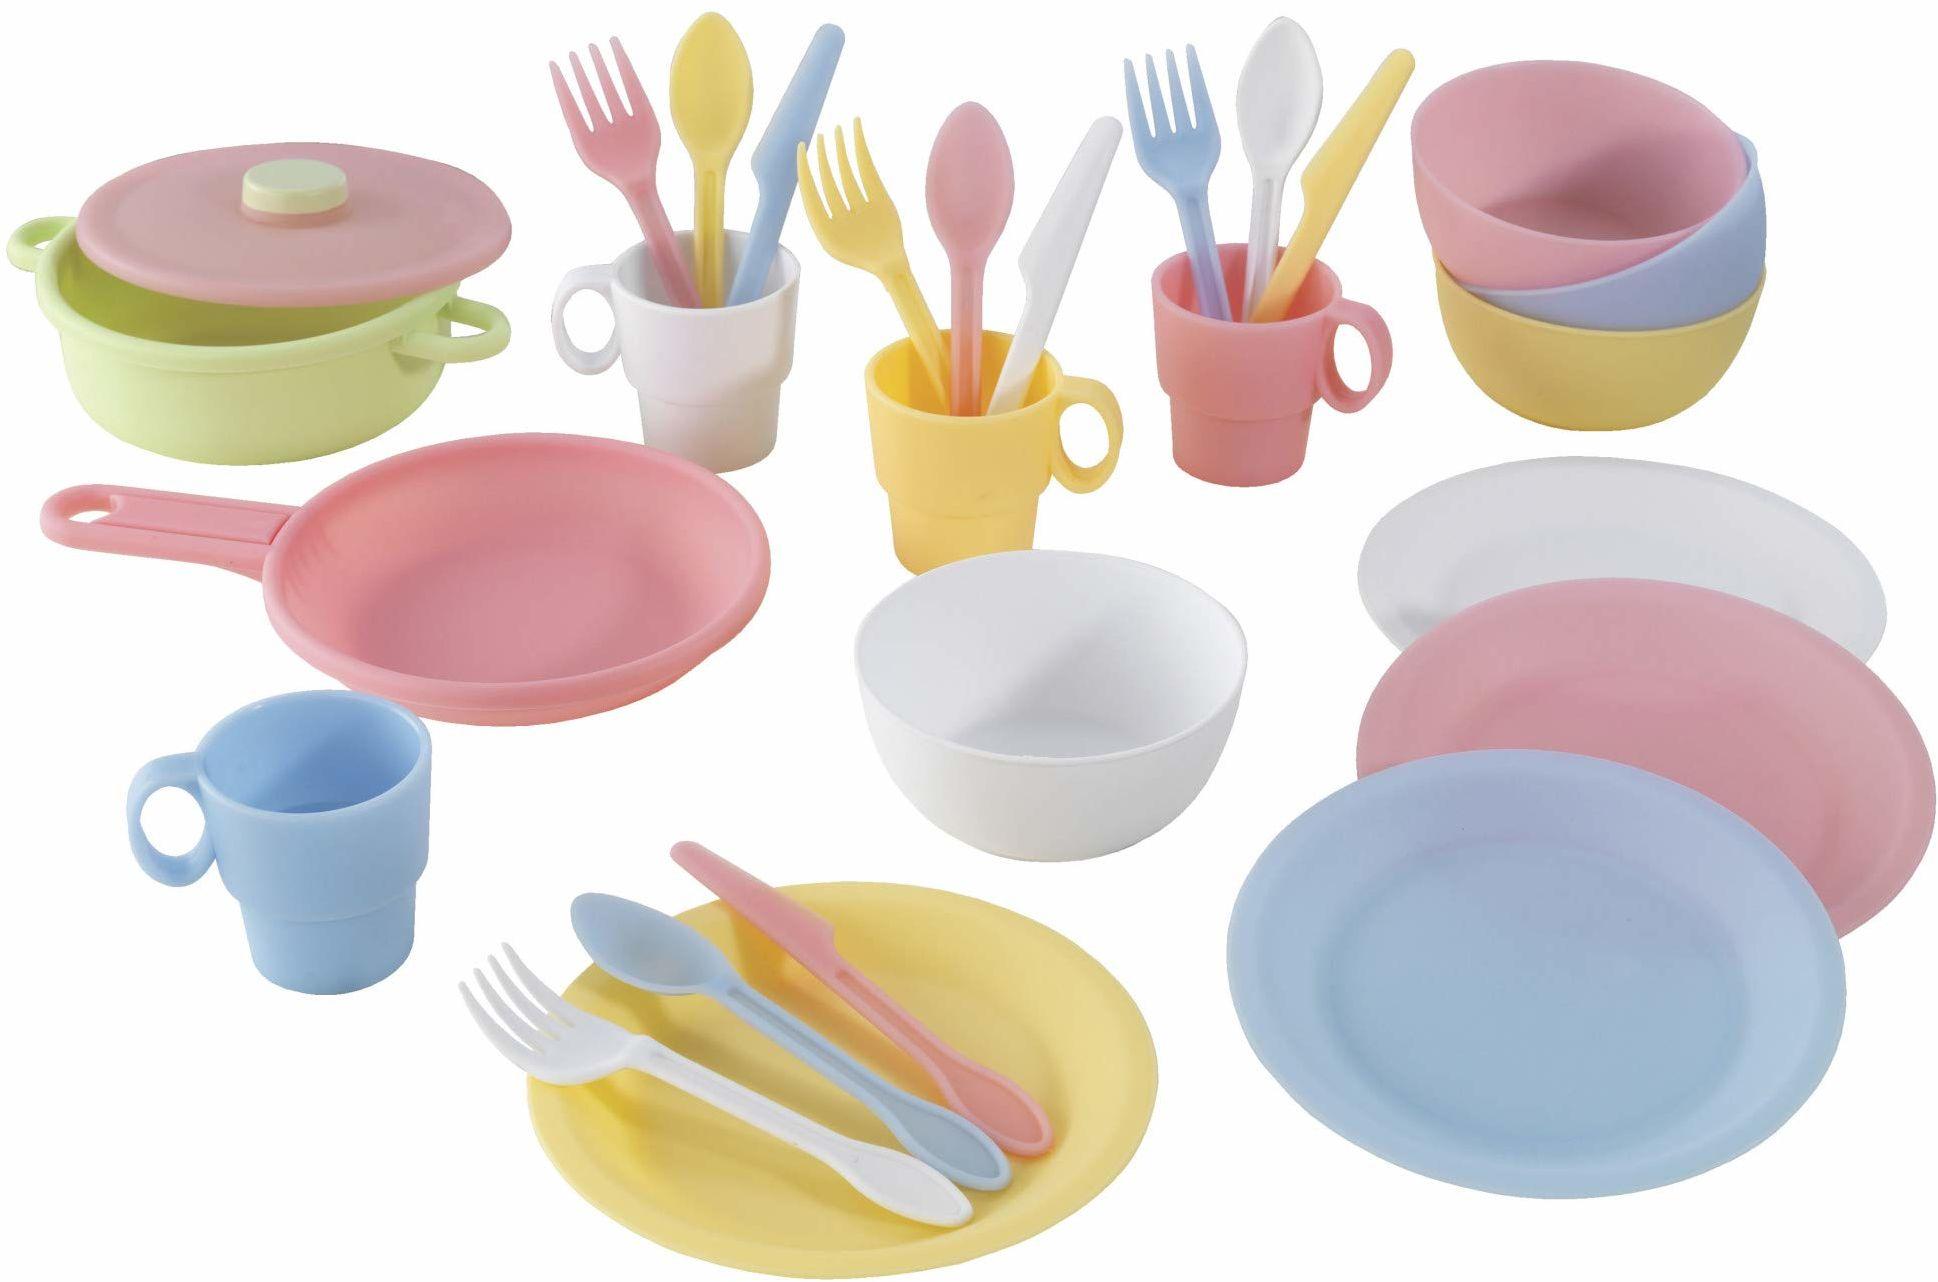 KidKraft 63027 27-częściowy zestaw kuchenny do zabawy zestaw naczyń zabawkowych, pastelowe kolory